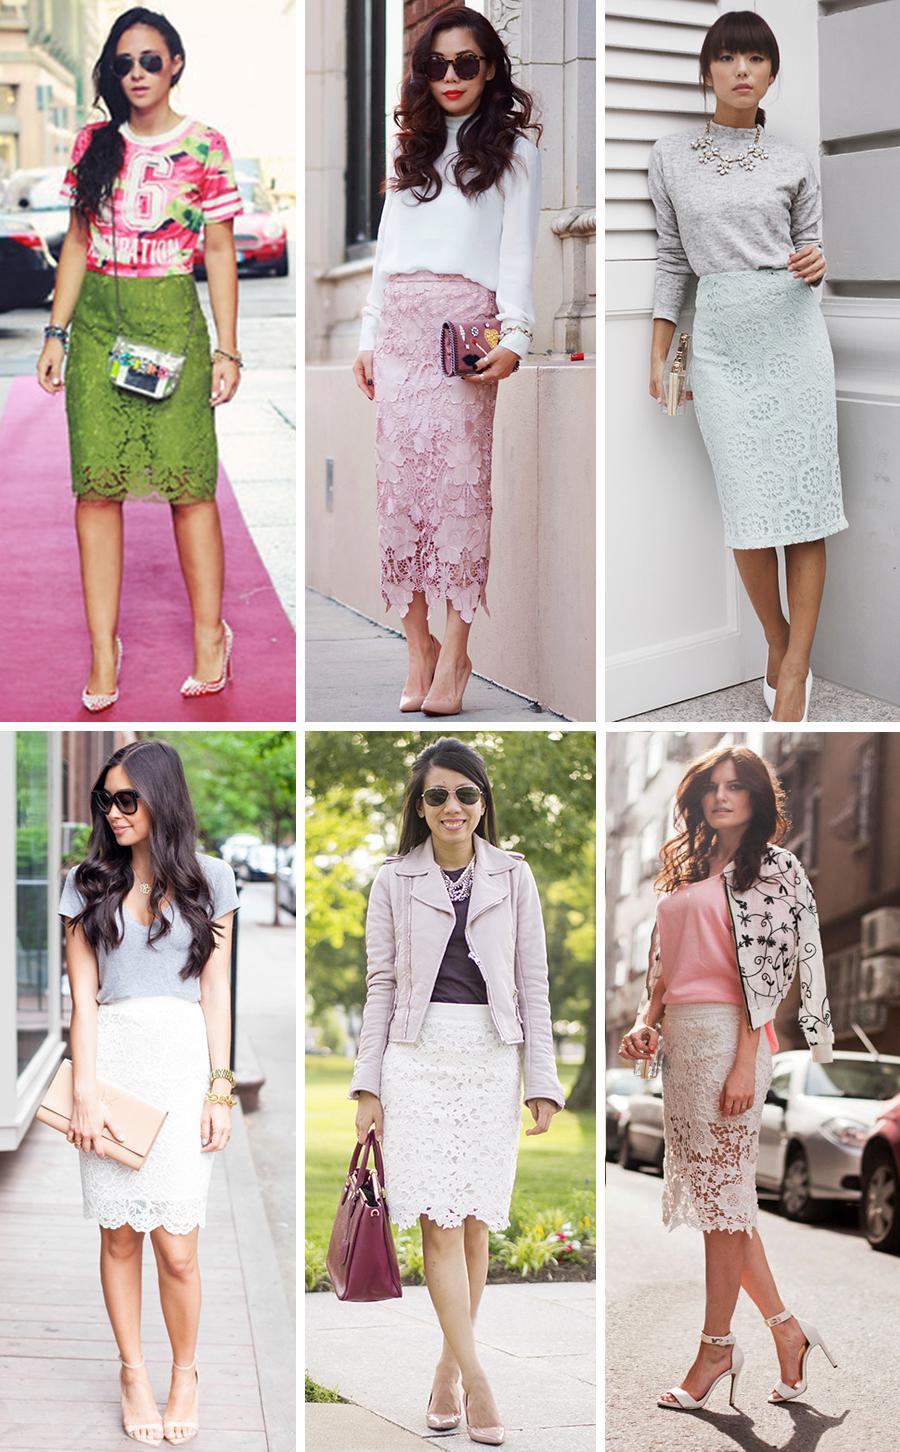 белая, розовая, зеленая кружевная юбка, фото